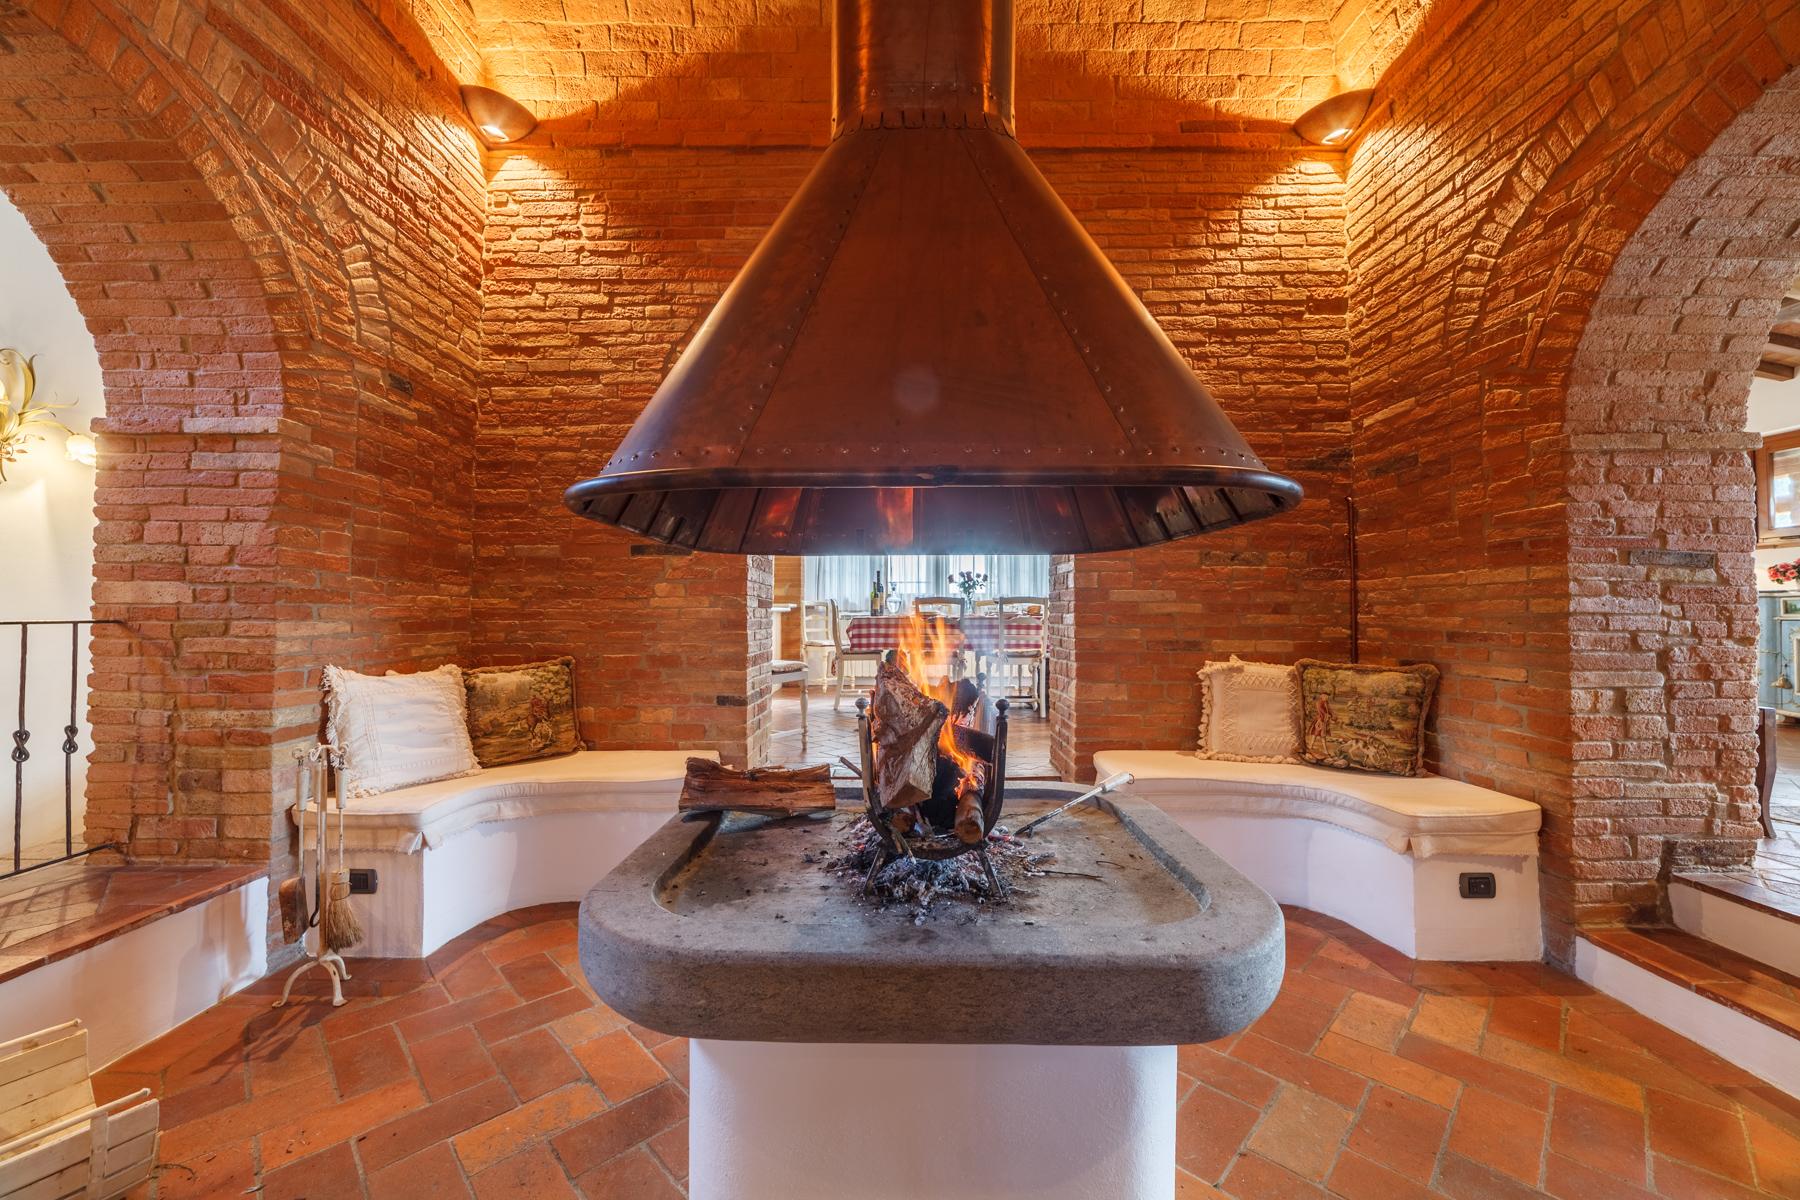 Merveilleuse briqueterie dans la campagne toscane